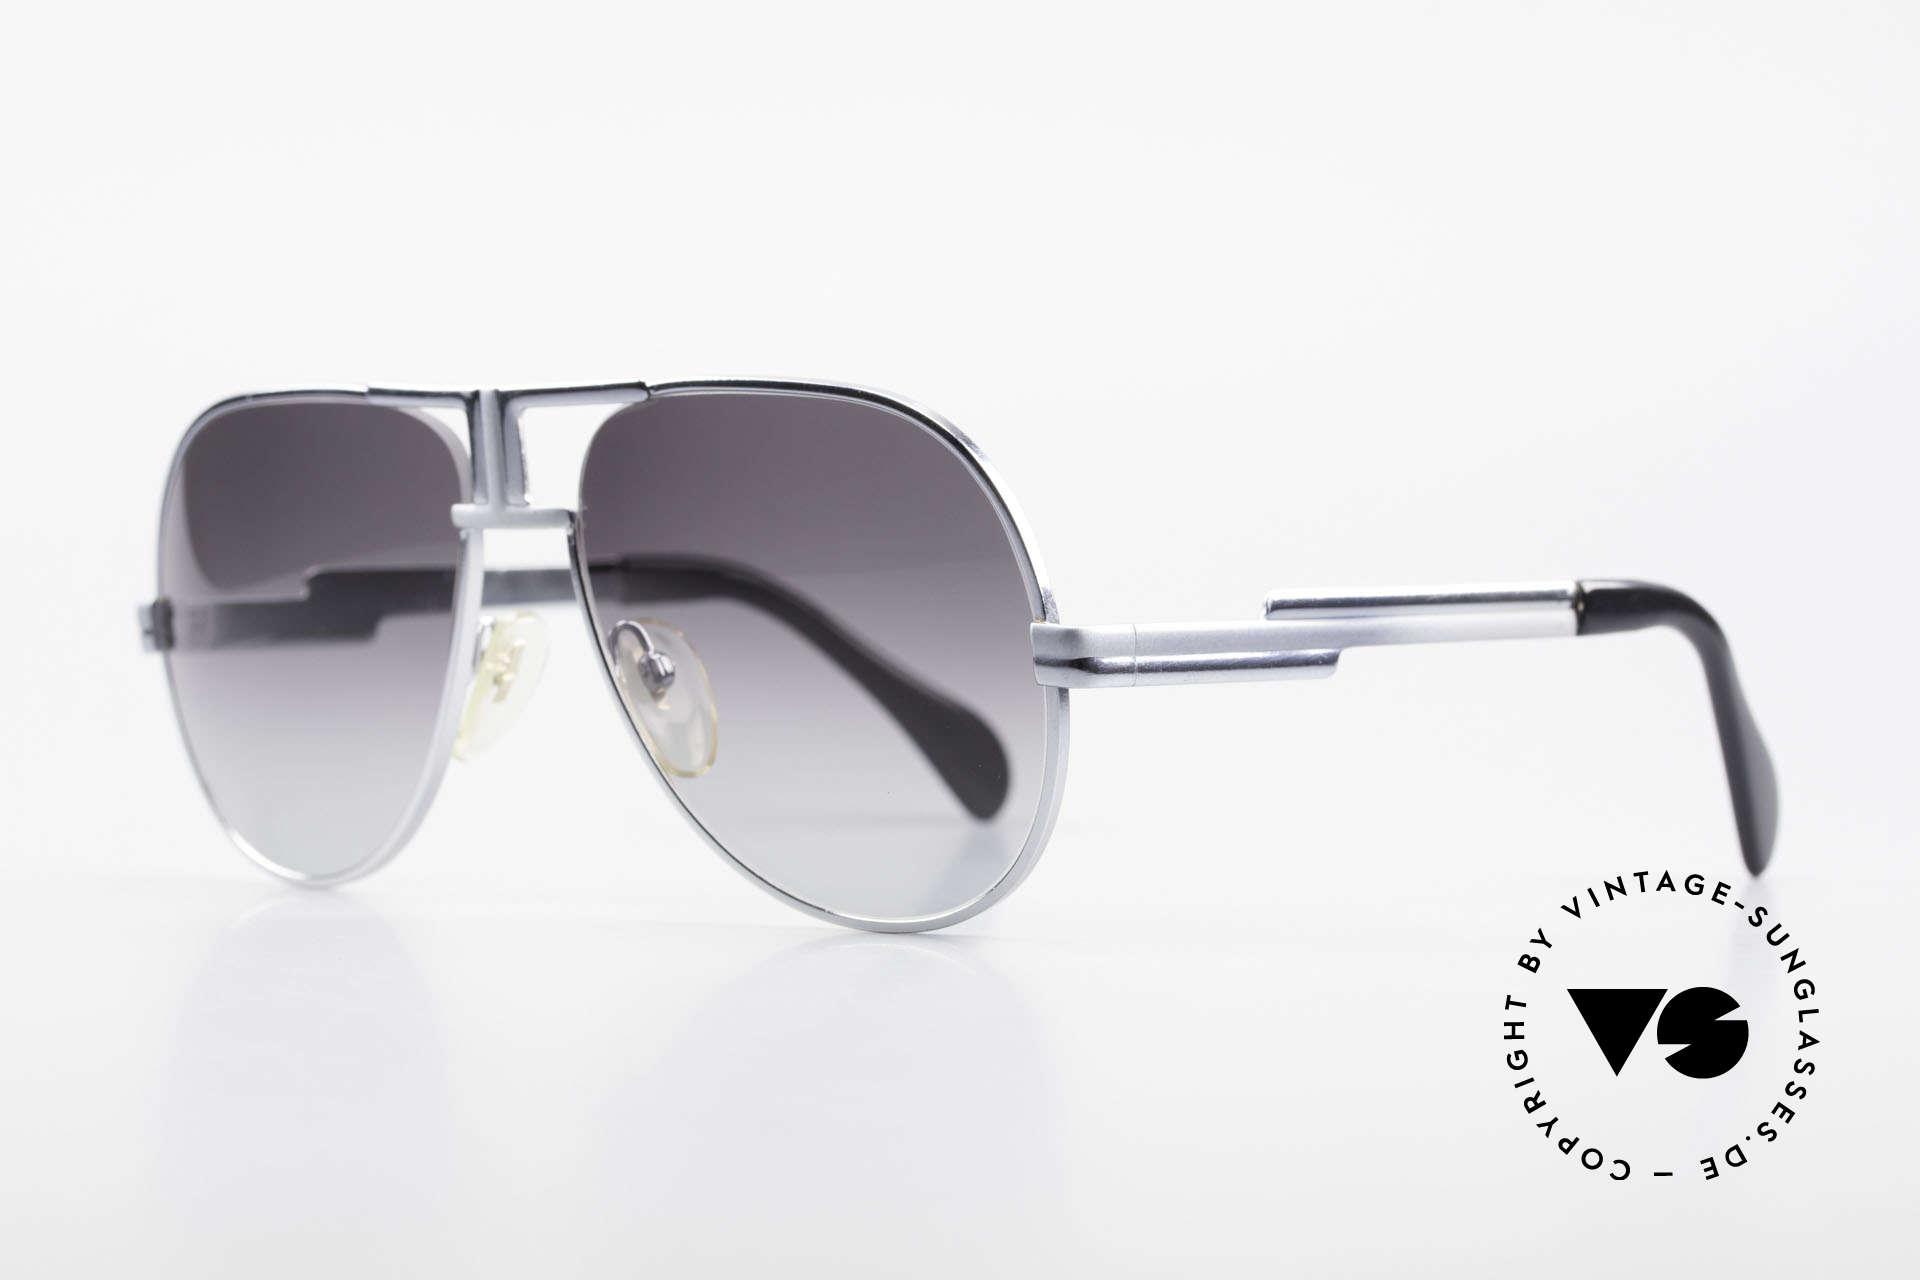 Cazal 702 Ultra Rare 70's Sunglasses, gray-gradient lenses (100% UV prot.), size 58/16, Made for Men